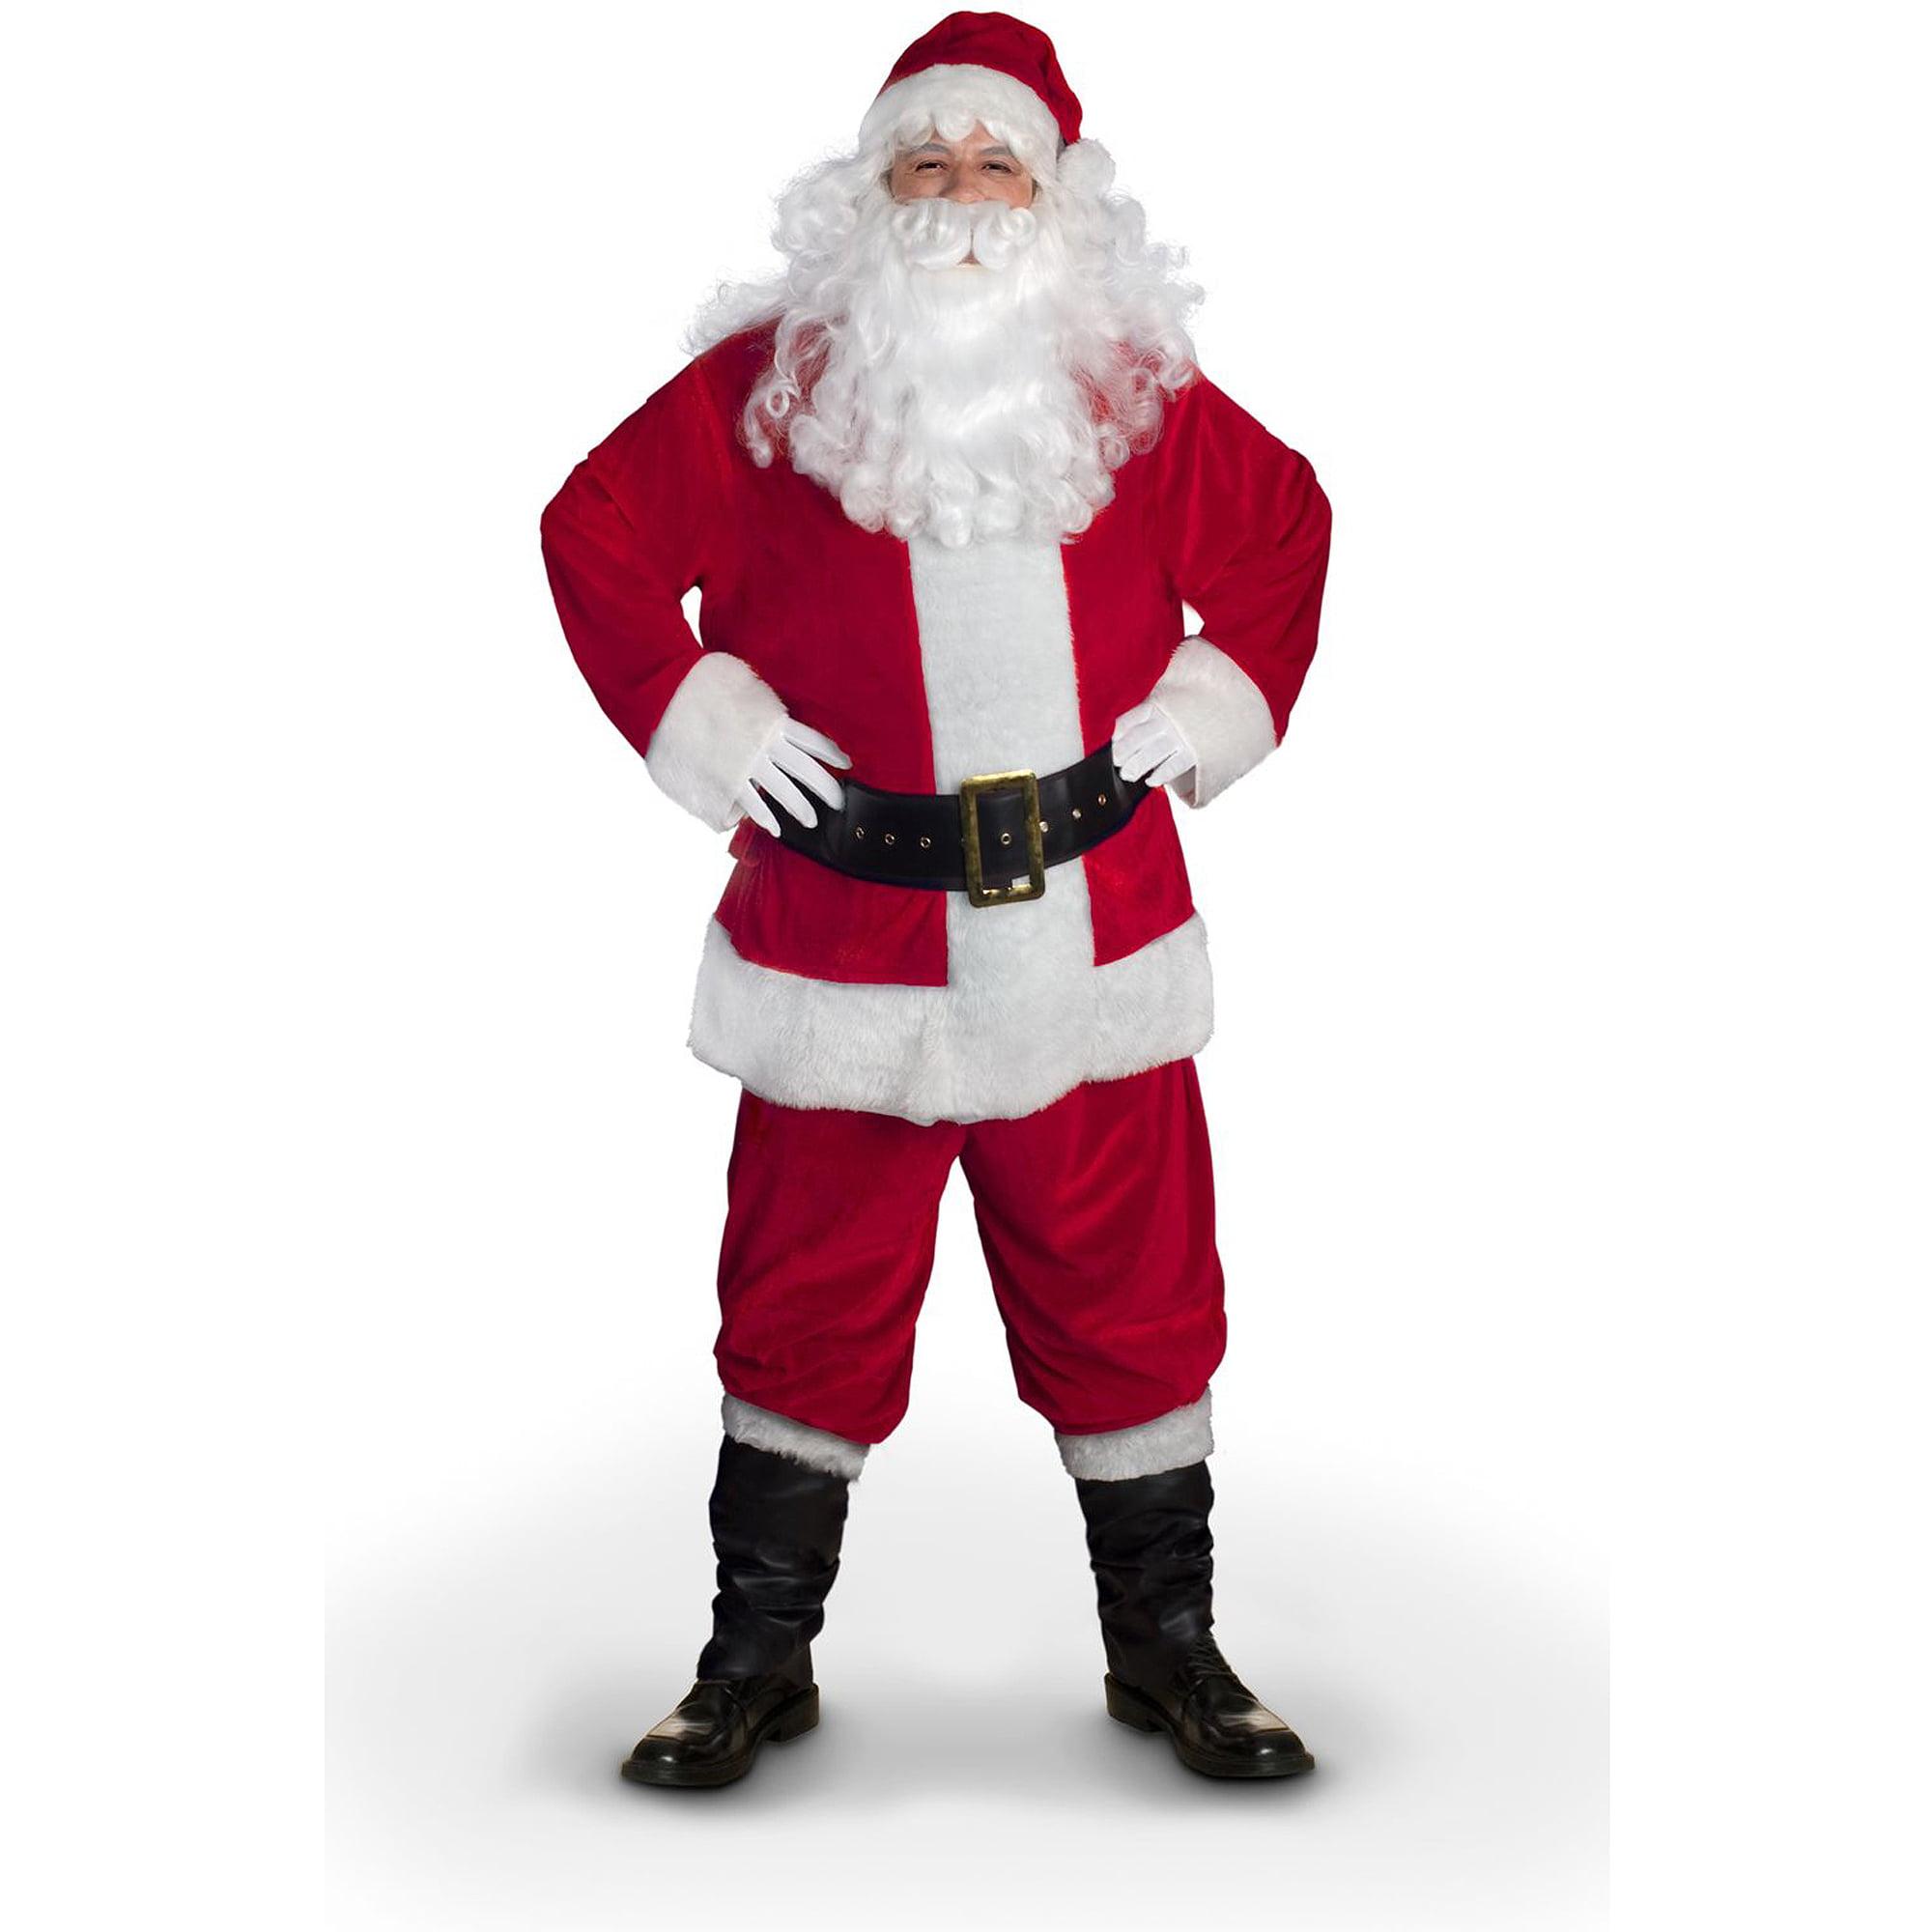 Sunnywood Value Line Santa Claus Costume